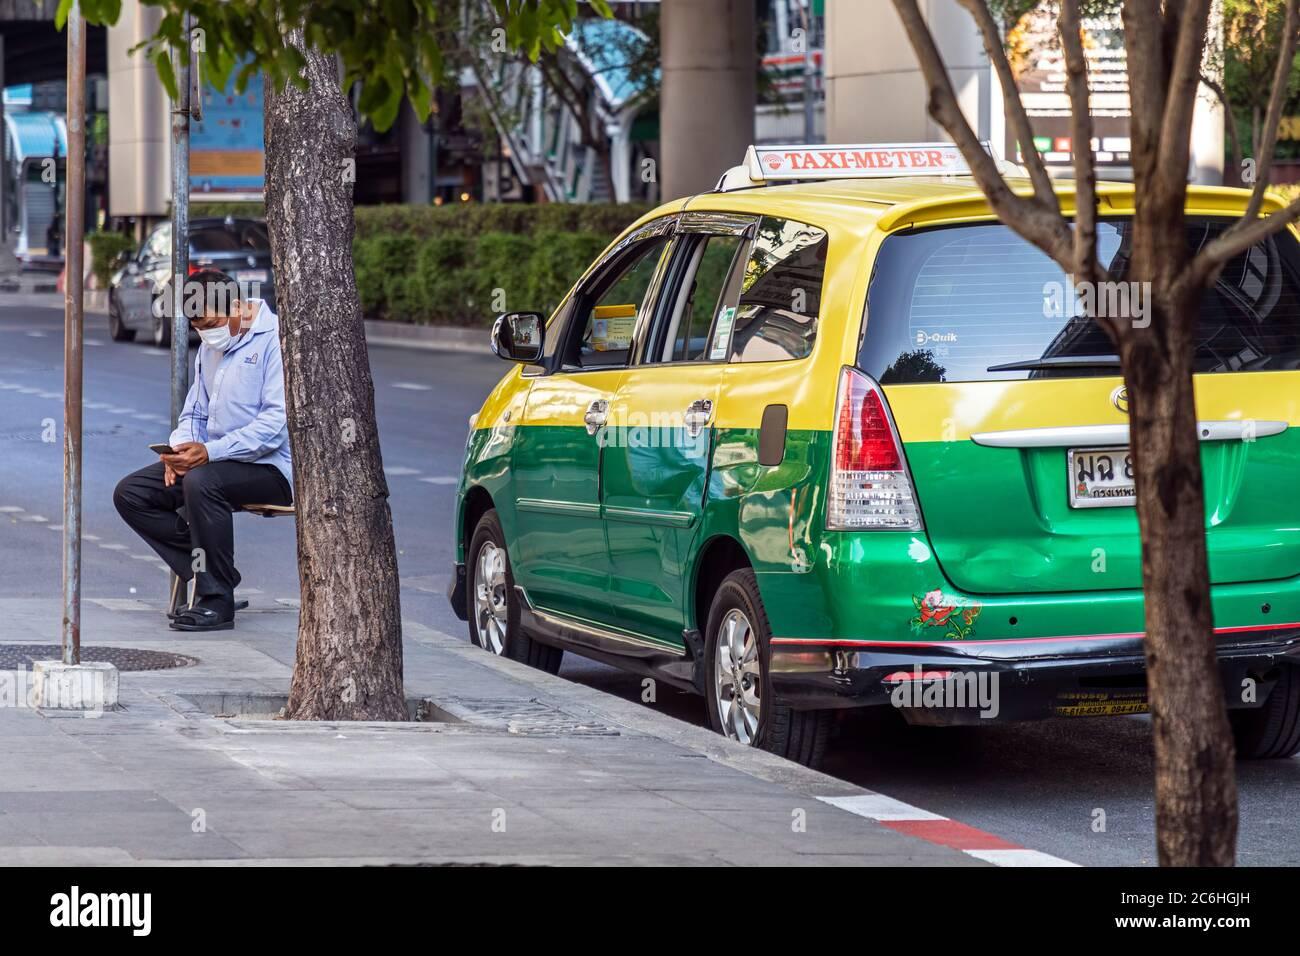 Chauffeur de taxi portant un masque facial utilisant un téléphone portable pendant la pandémie Covid 19, Bangkok, Thaïlande Banque D'Images